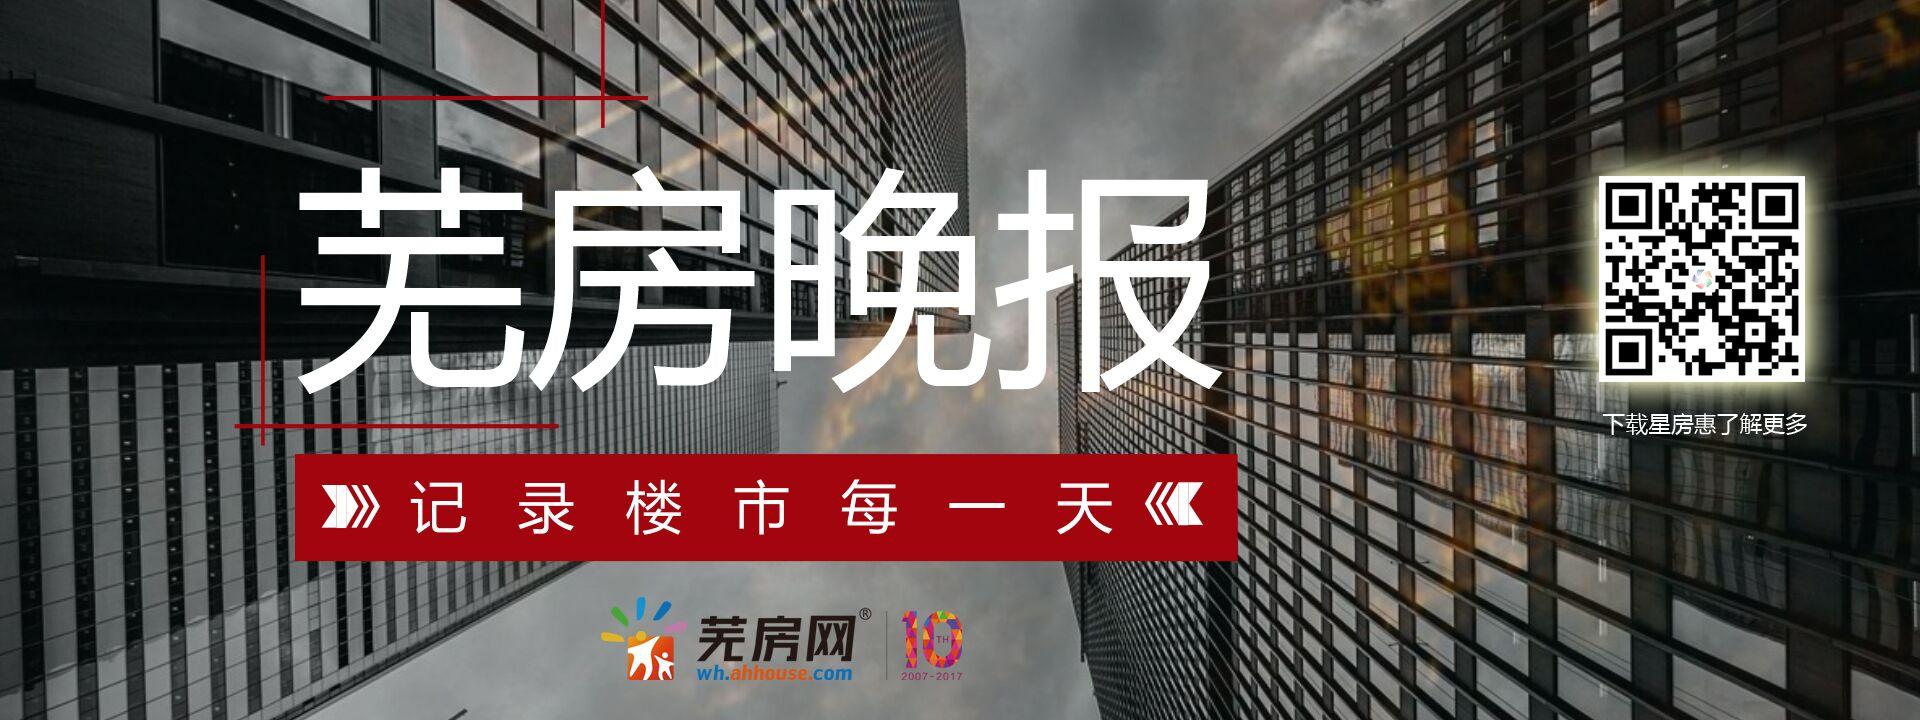 2.9芜房晚报:商合杭高铁明年底或运营